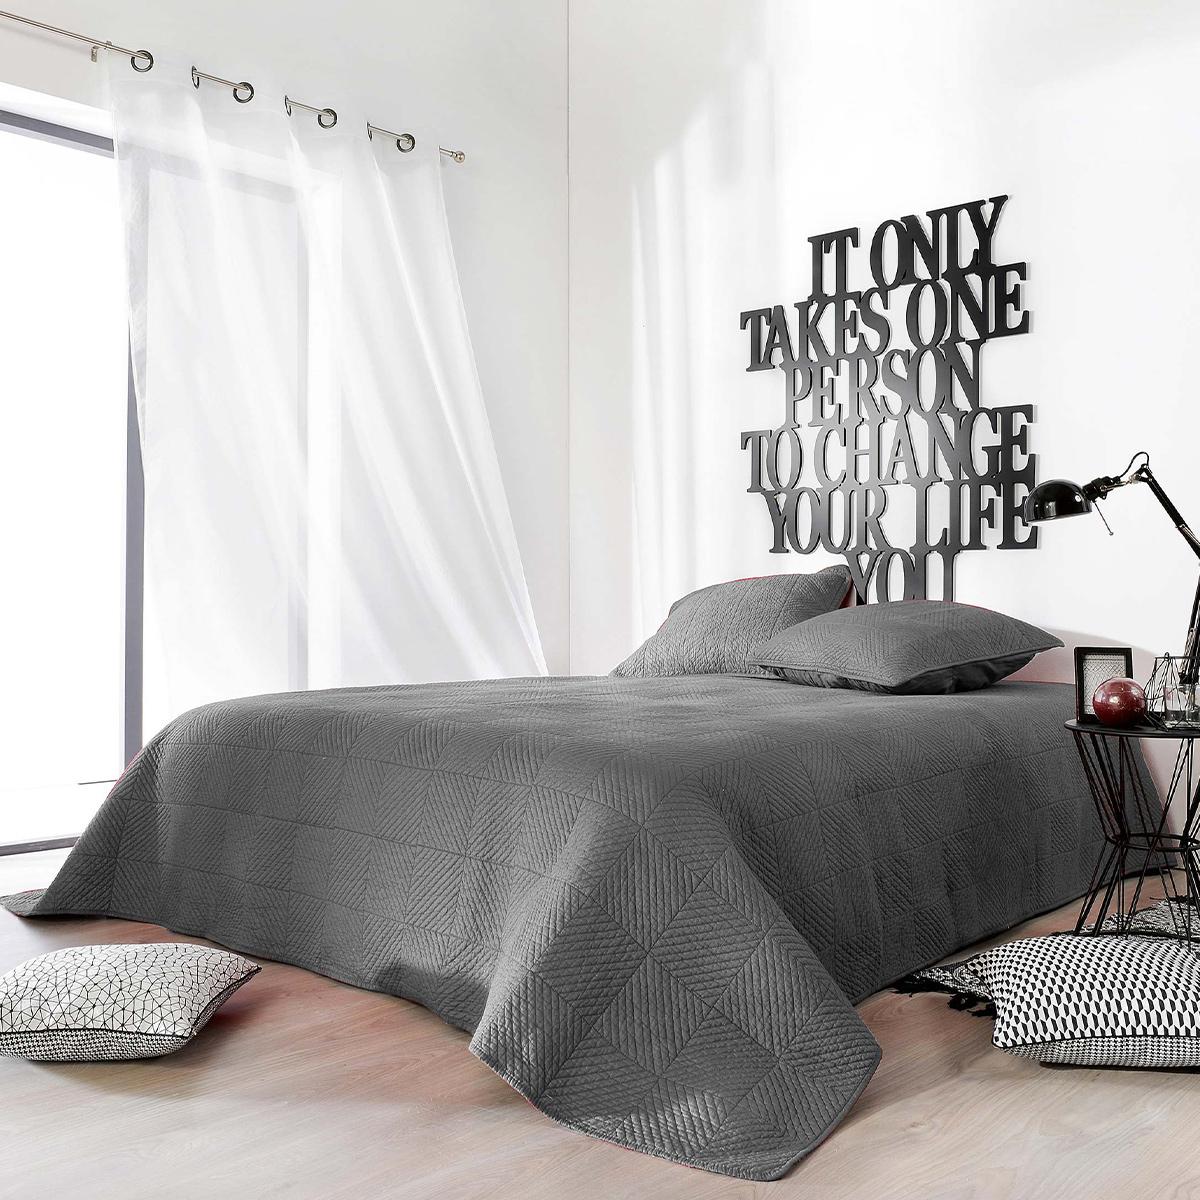 Couvre lit matelassé façon boutis en coton - Gris Foncé - 180 x 240 cm